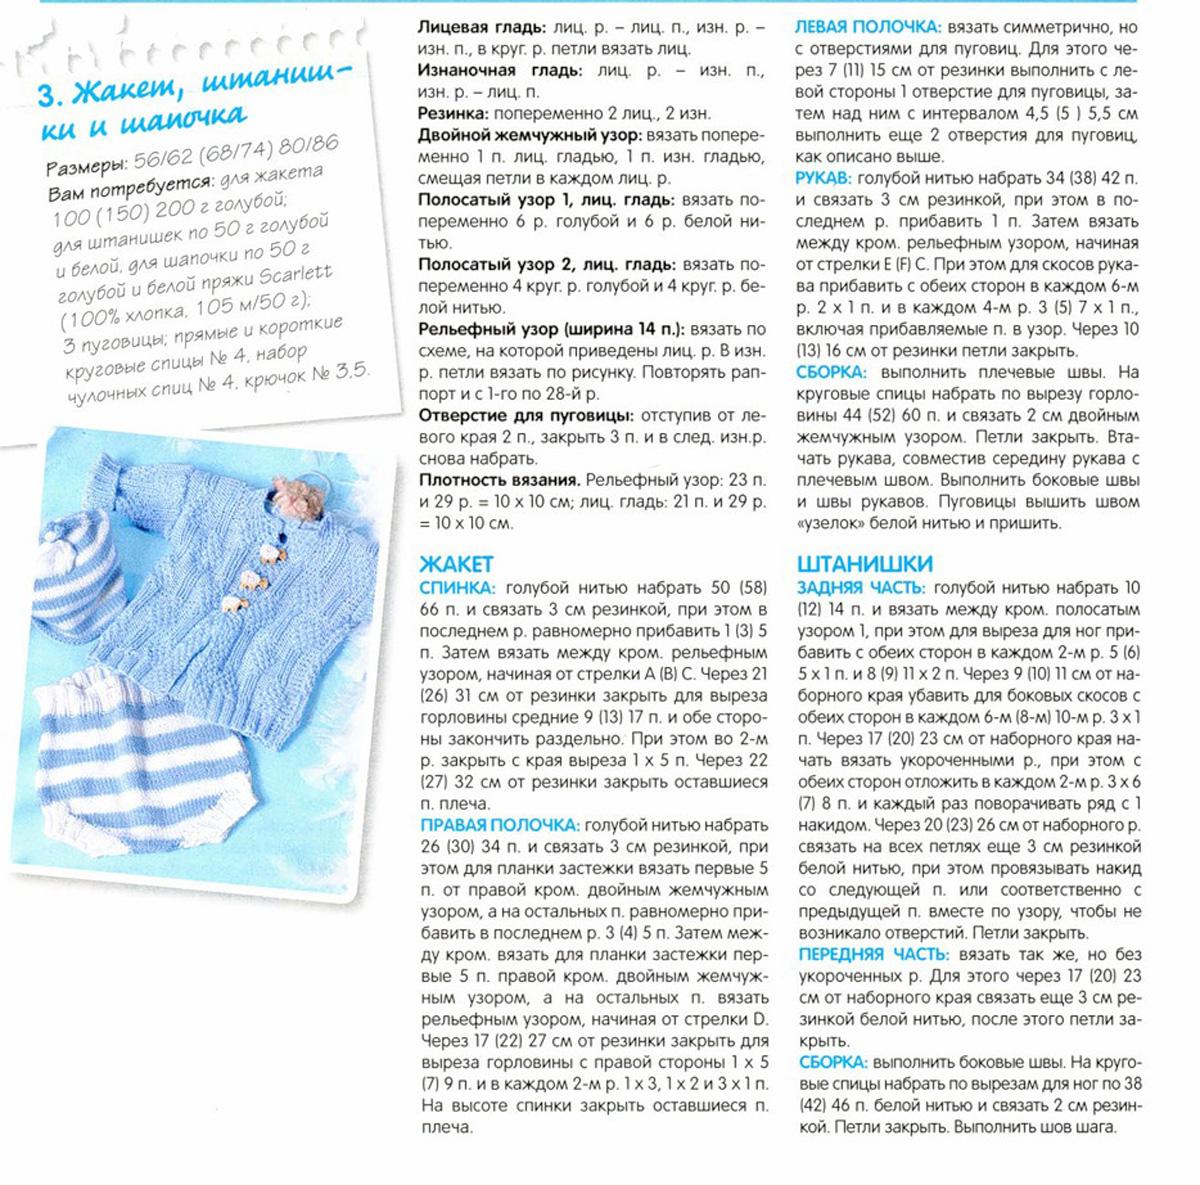 Схемы вязание на спицах для малышей от 0 до 3 лет